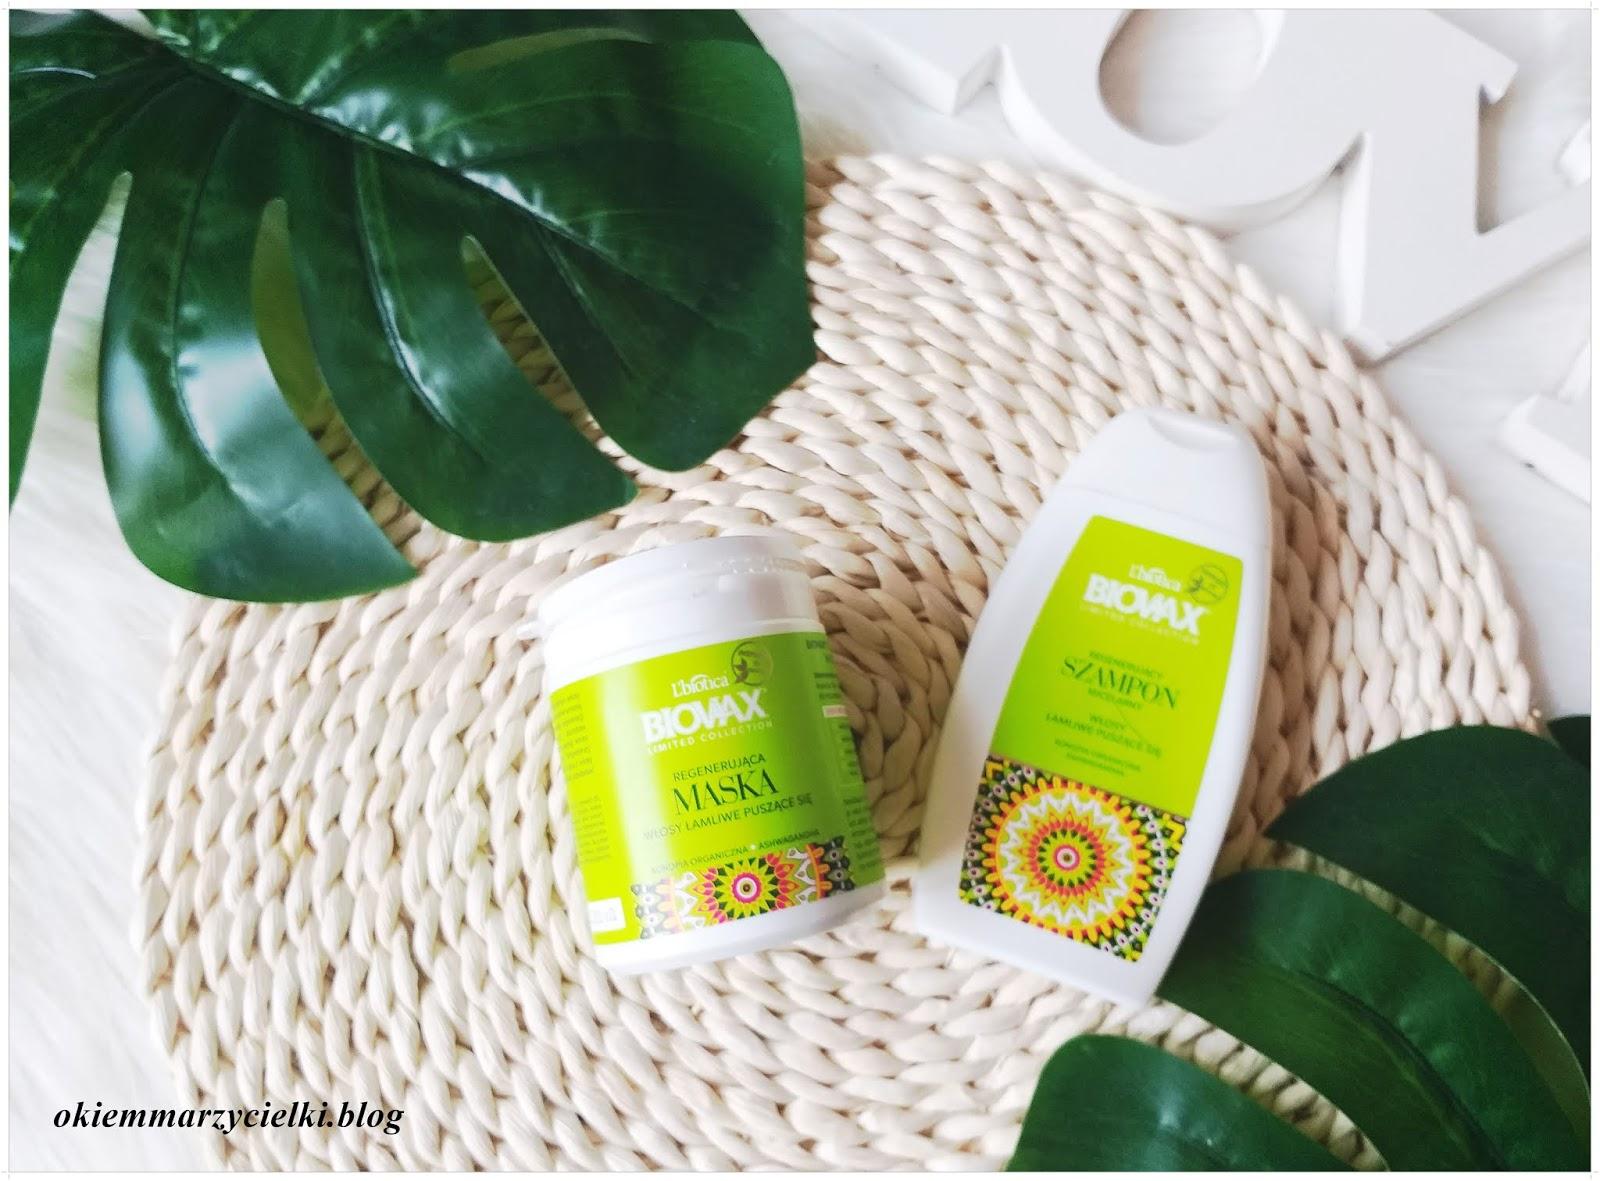 Regenerujący szampon micelarny & Regenerująca maska (Konopia Organiczna, Ashwagandha), L'biotica Biovax-recenzja #127